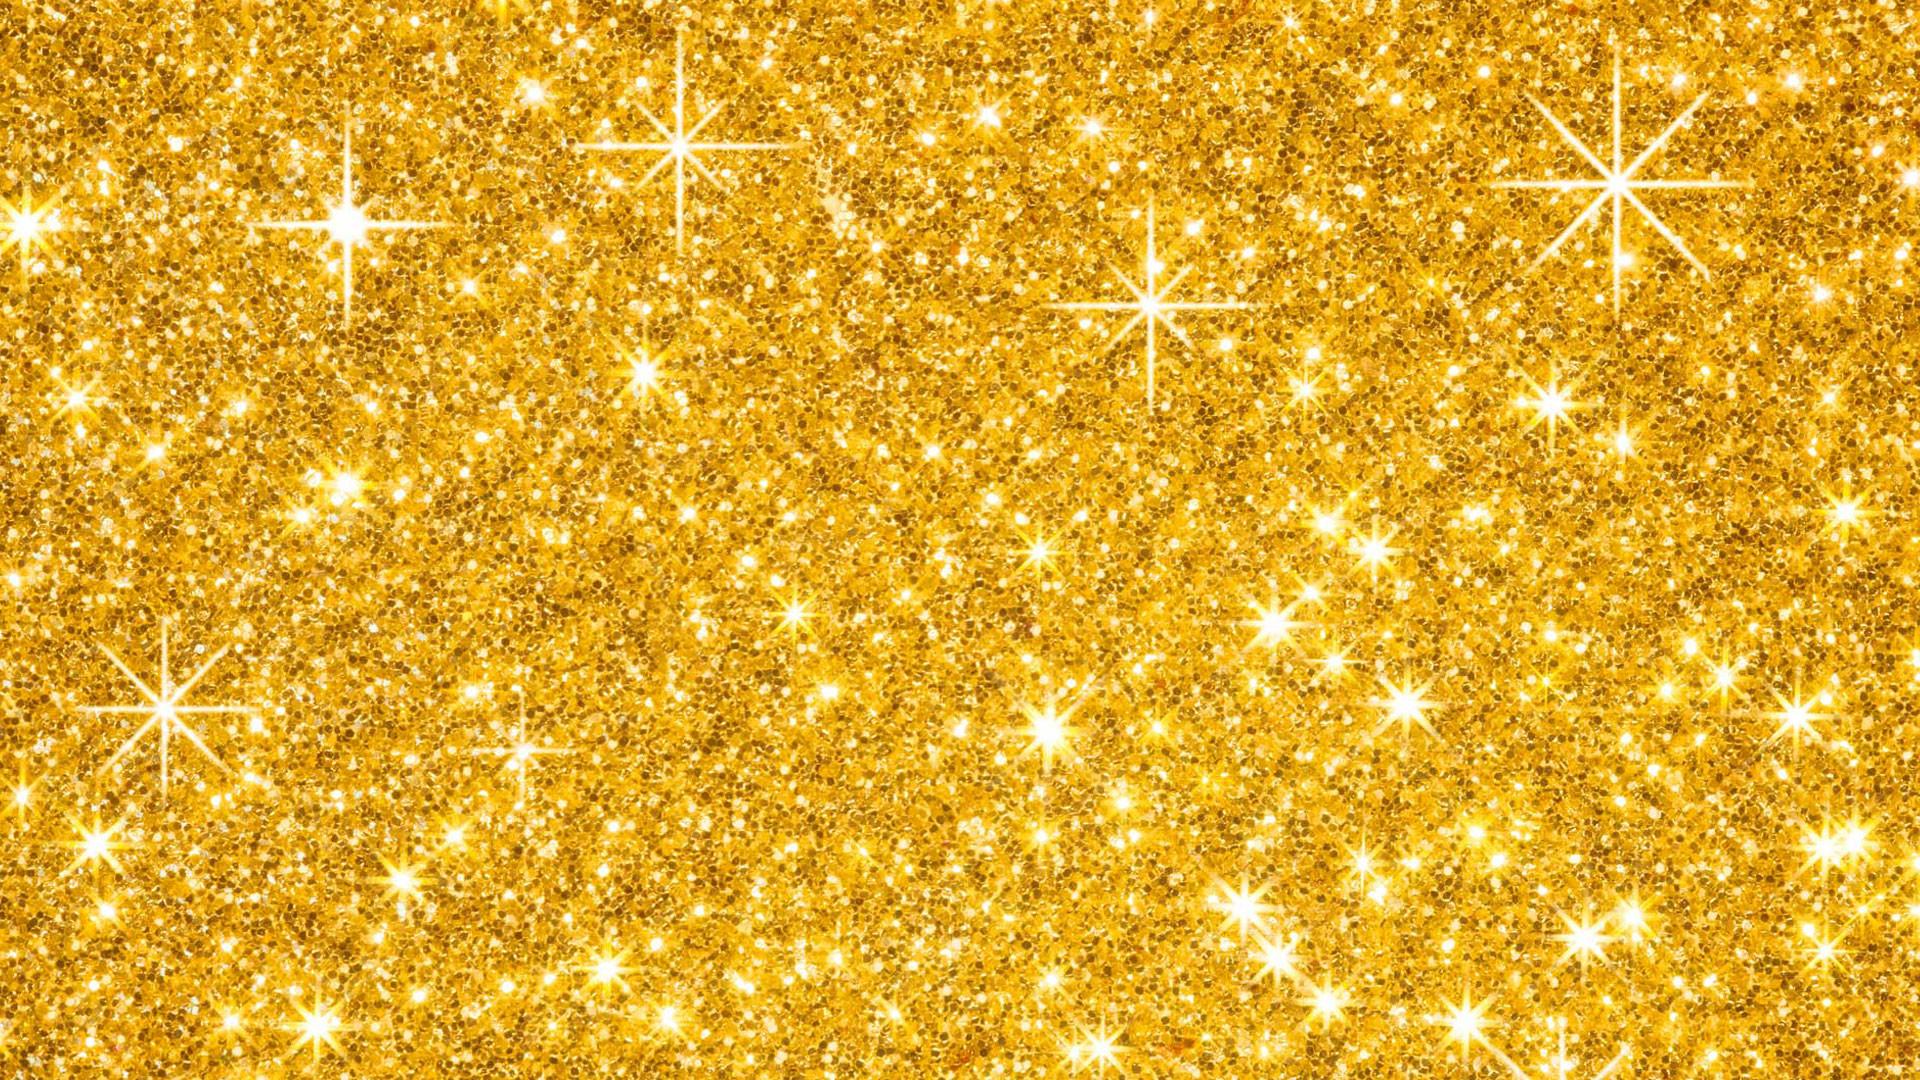 Light Gold Glitter Background wallpaper.   HD Wallpapers   Pinterest   Glitter  wallpaper, Glitter background and Wallpaper